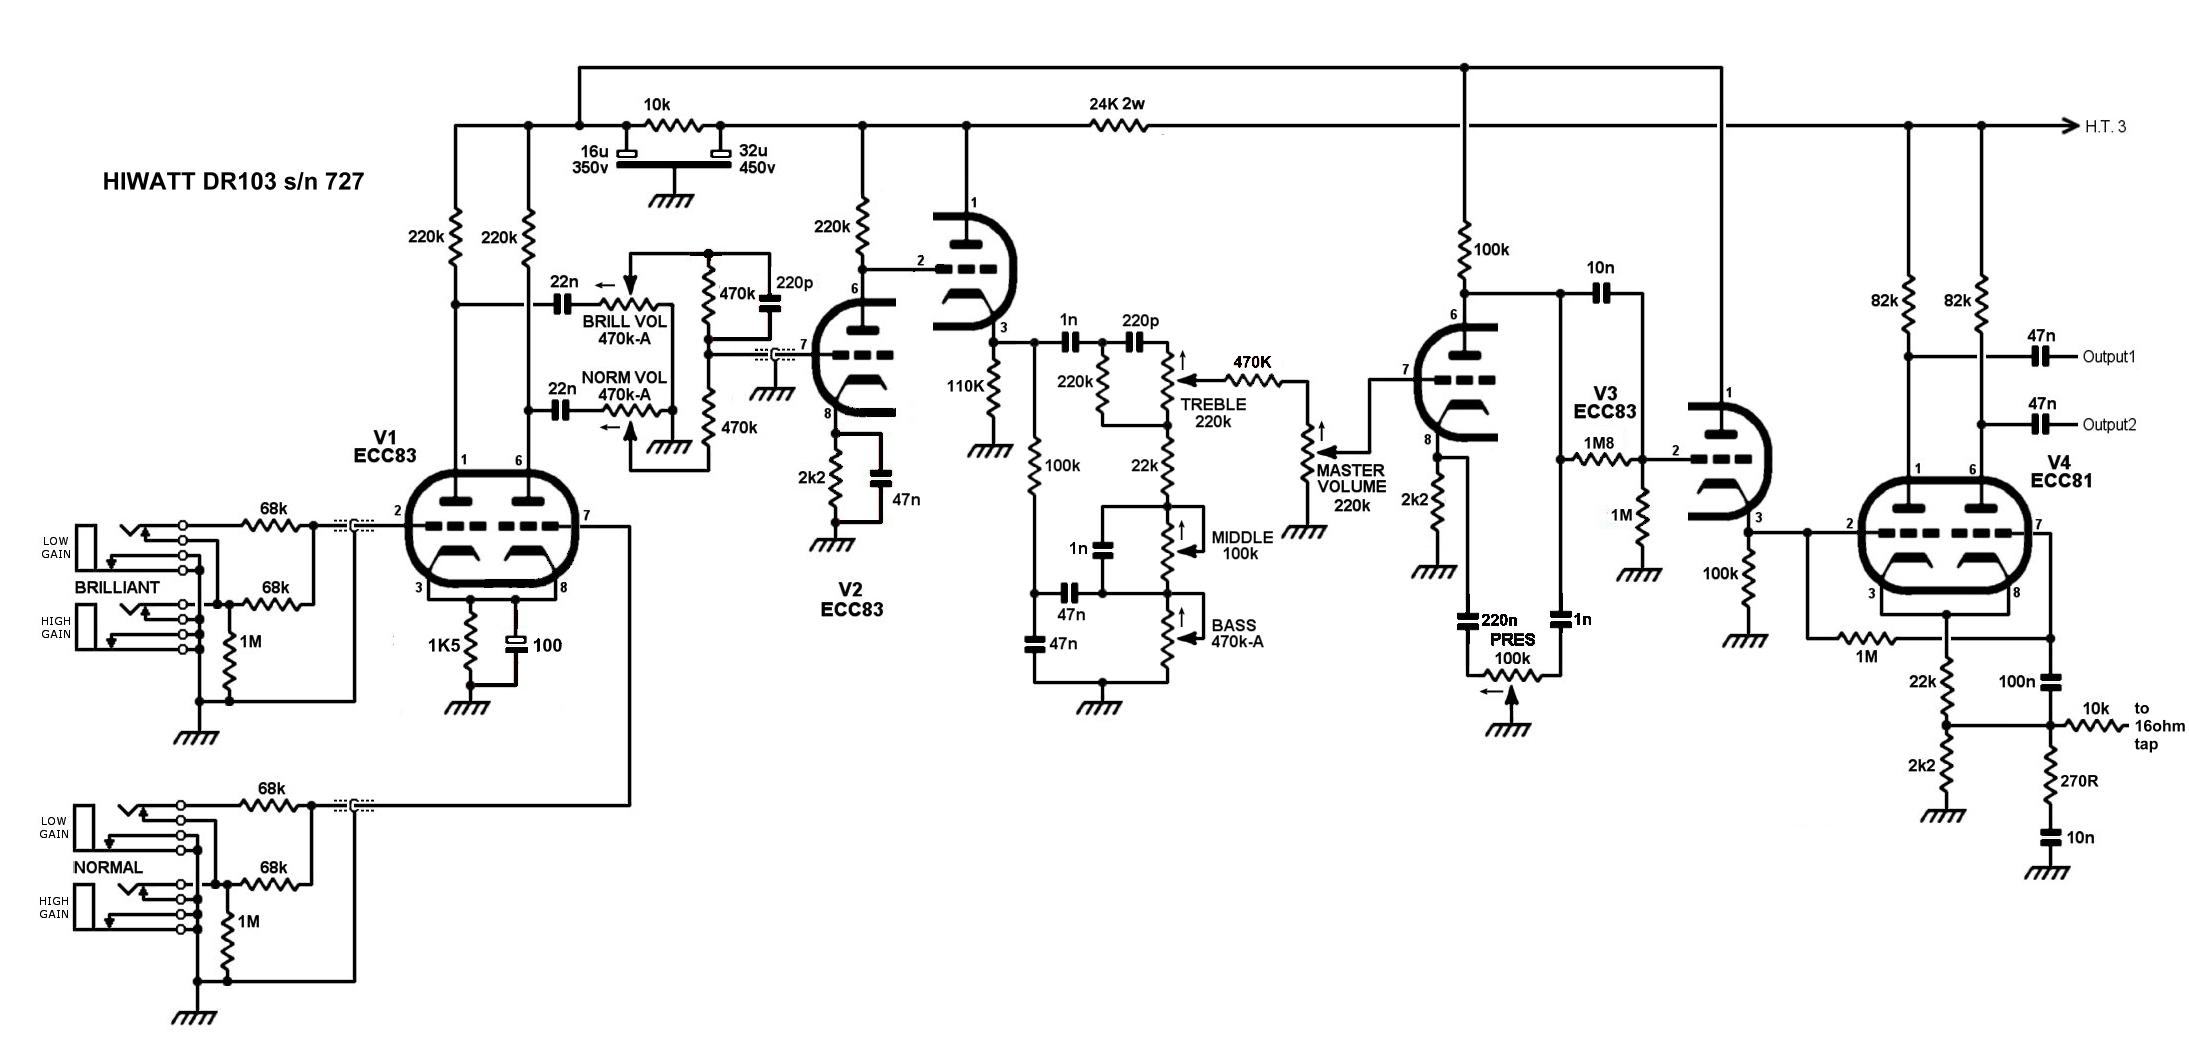 MHuss Hiwatt Amplifier Pages - Tech Info